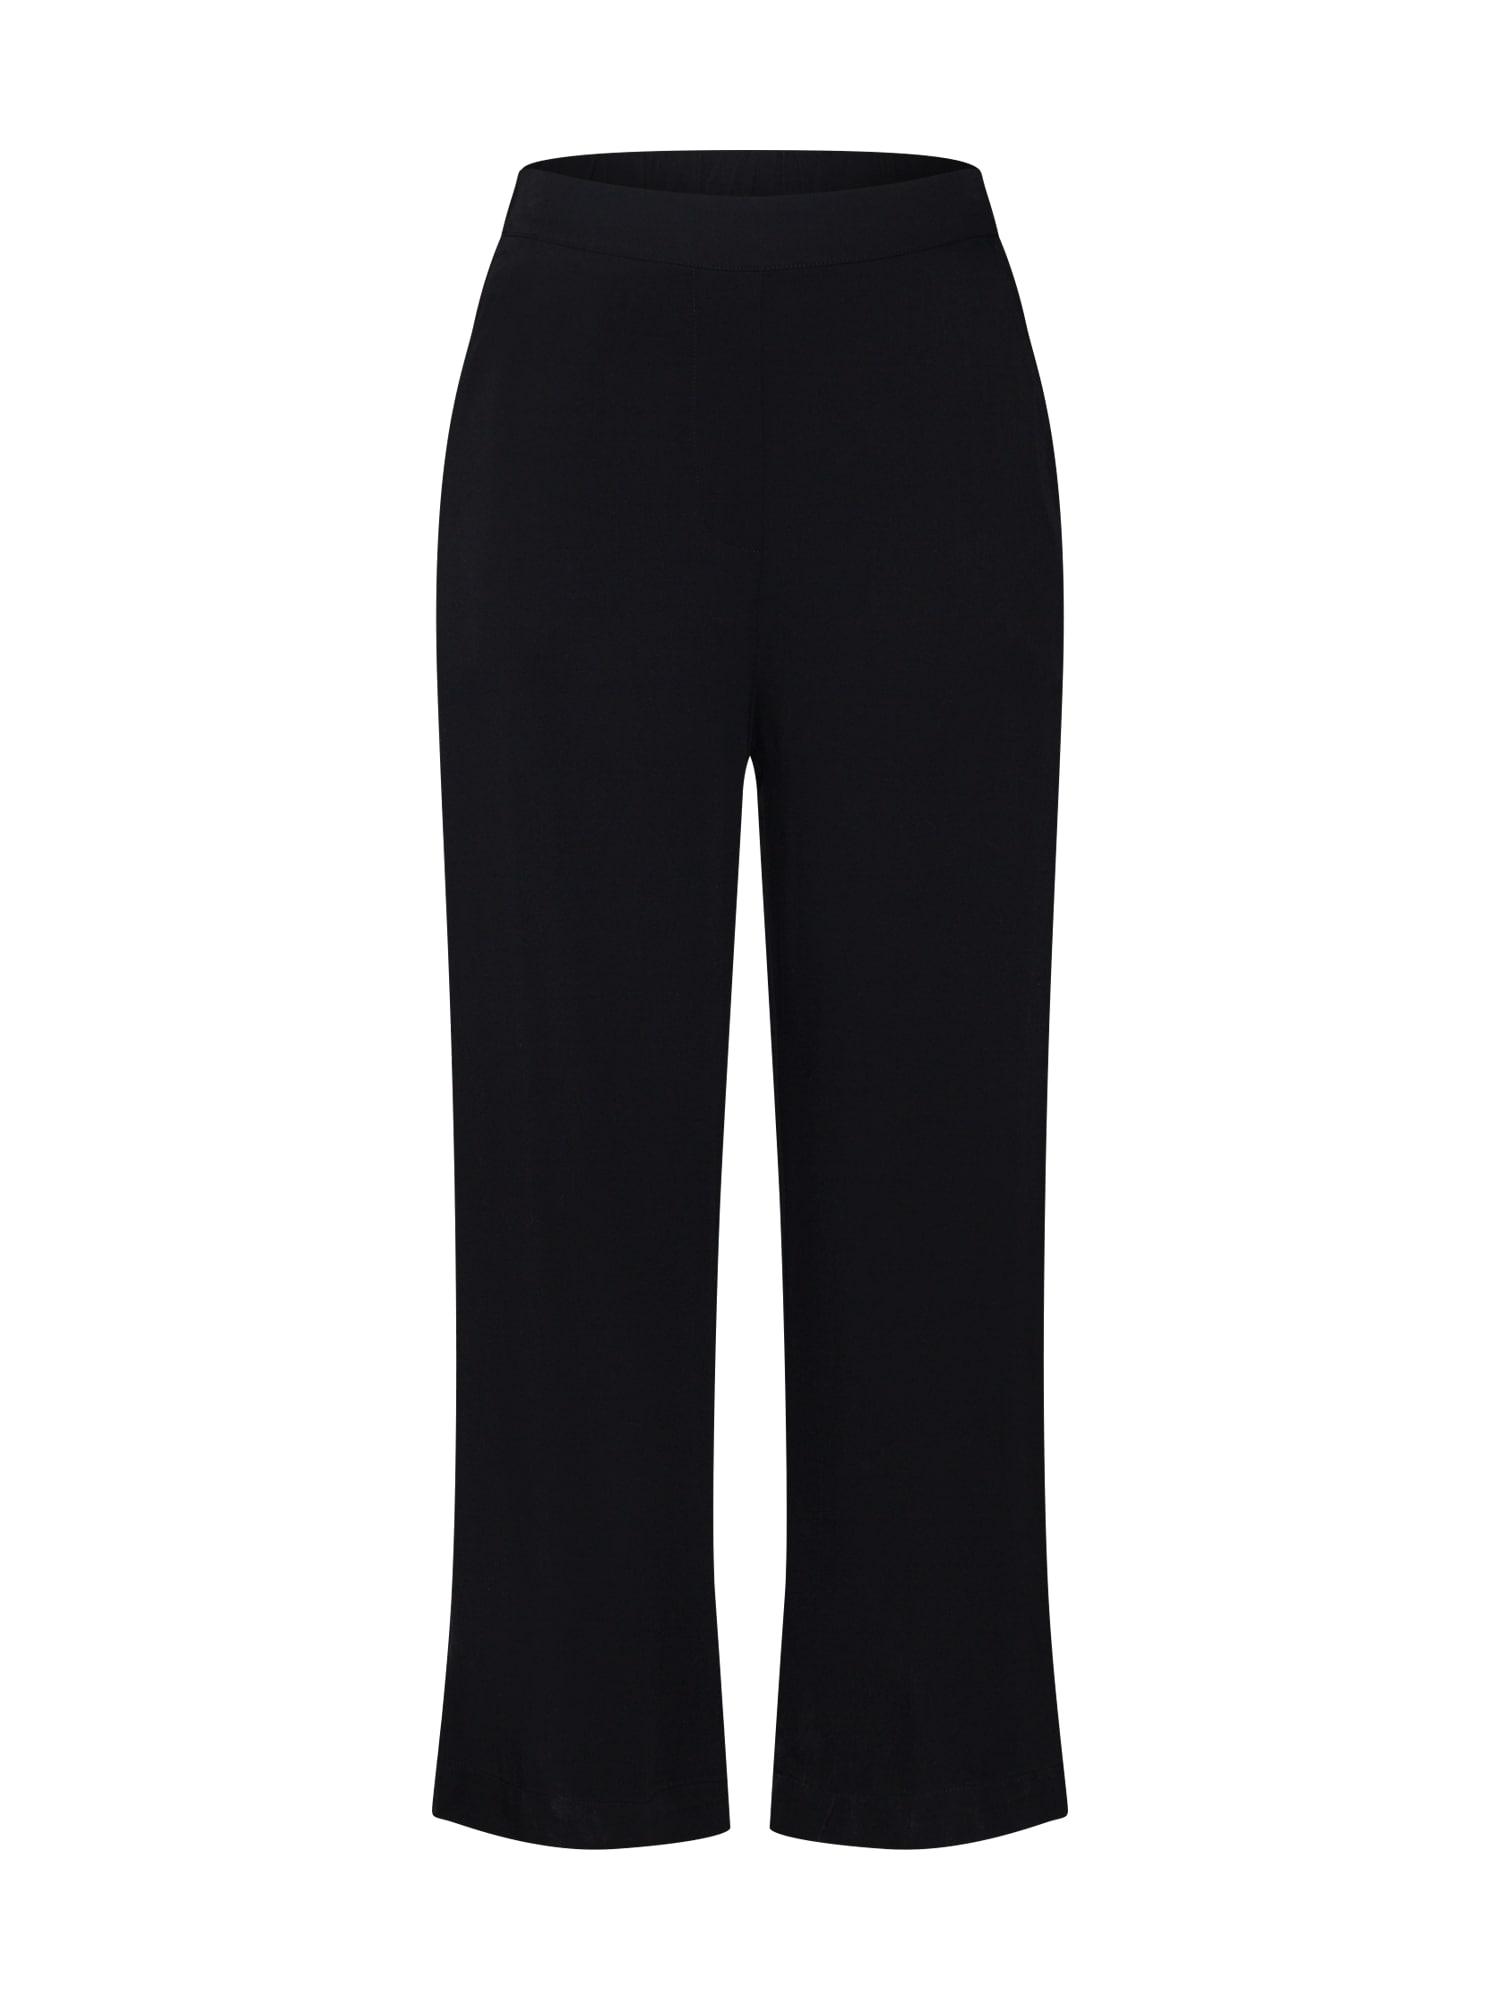 Kalhoty Odile Pants černá Basic Apparel